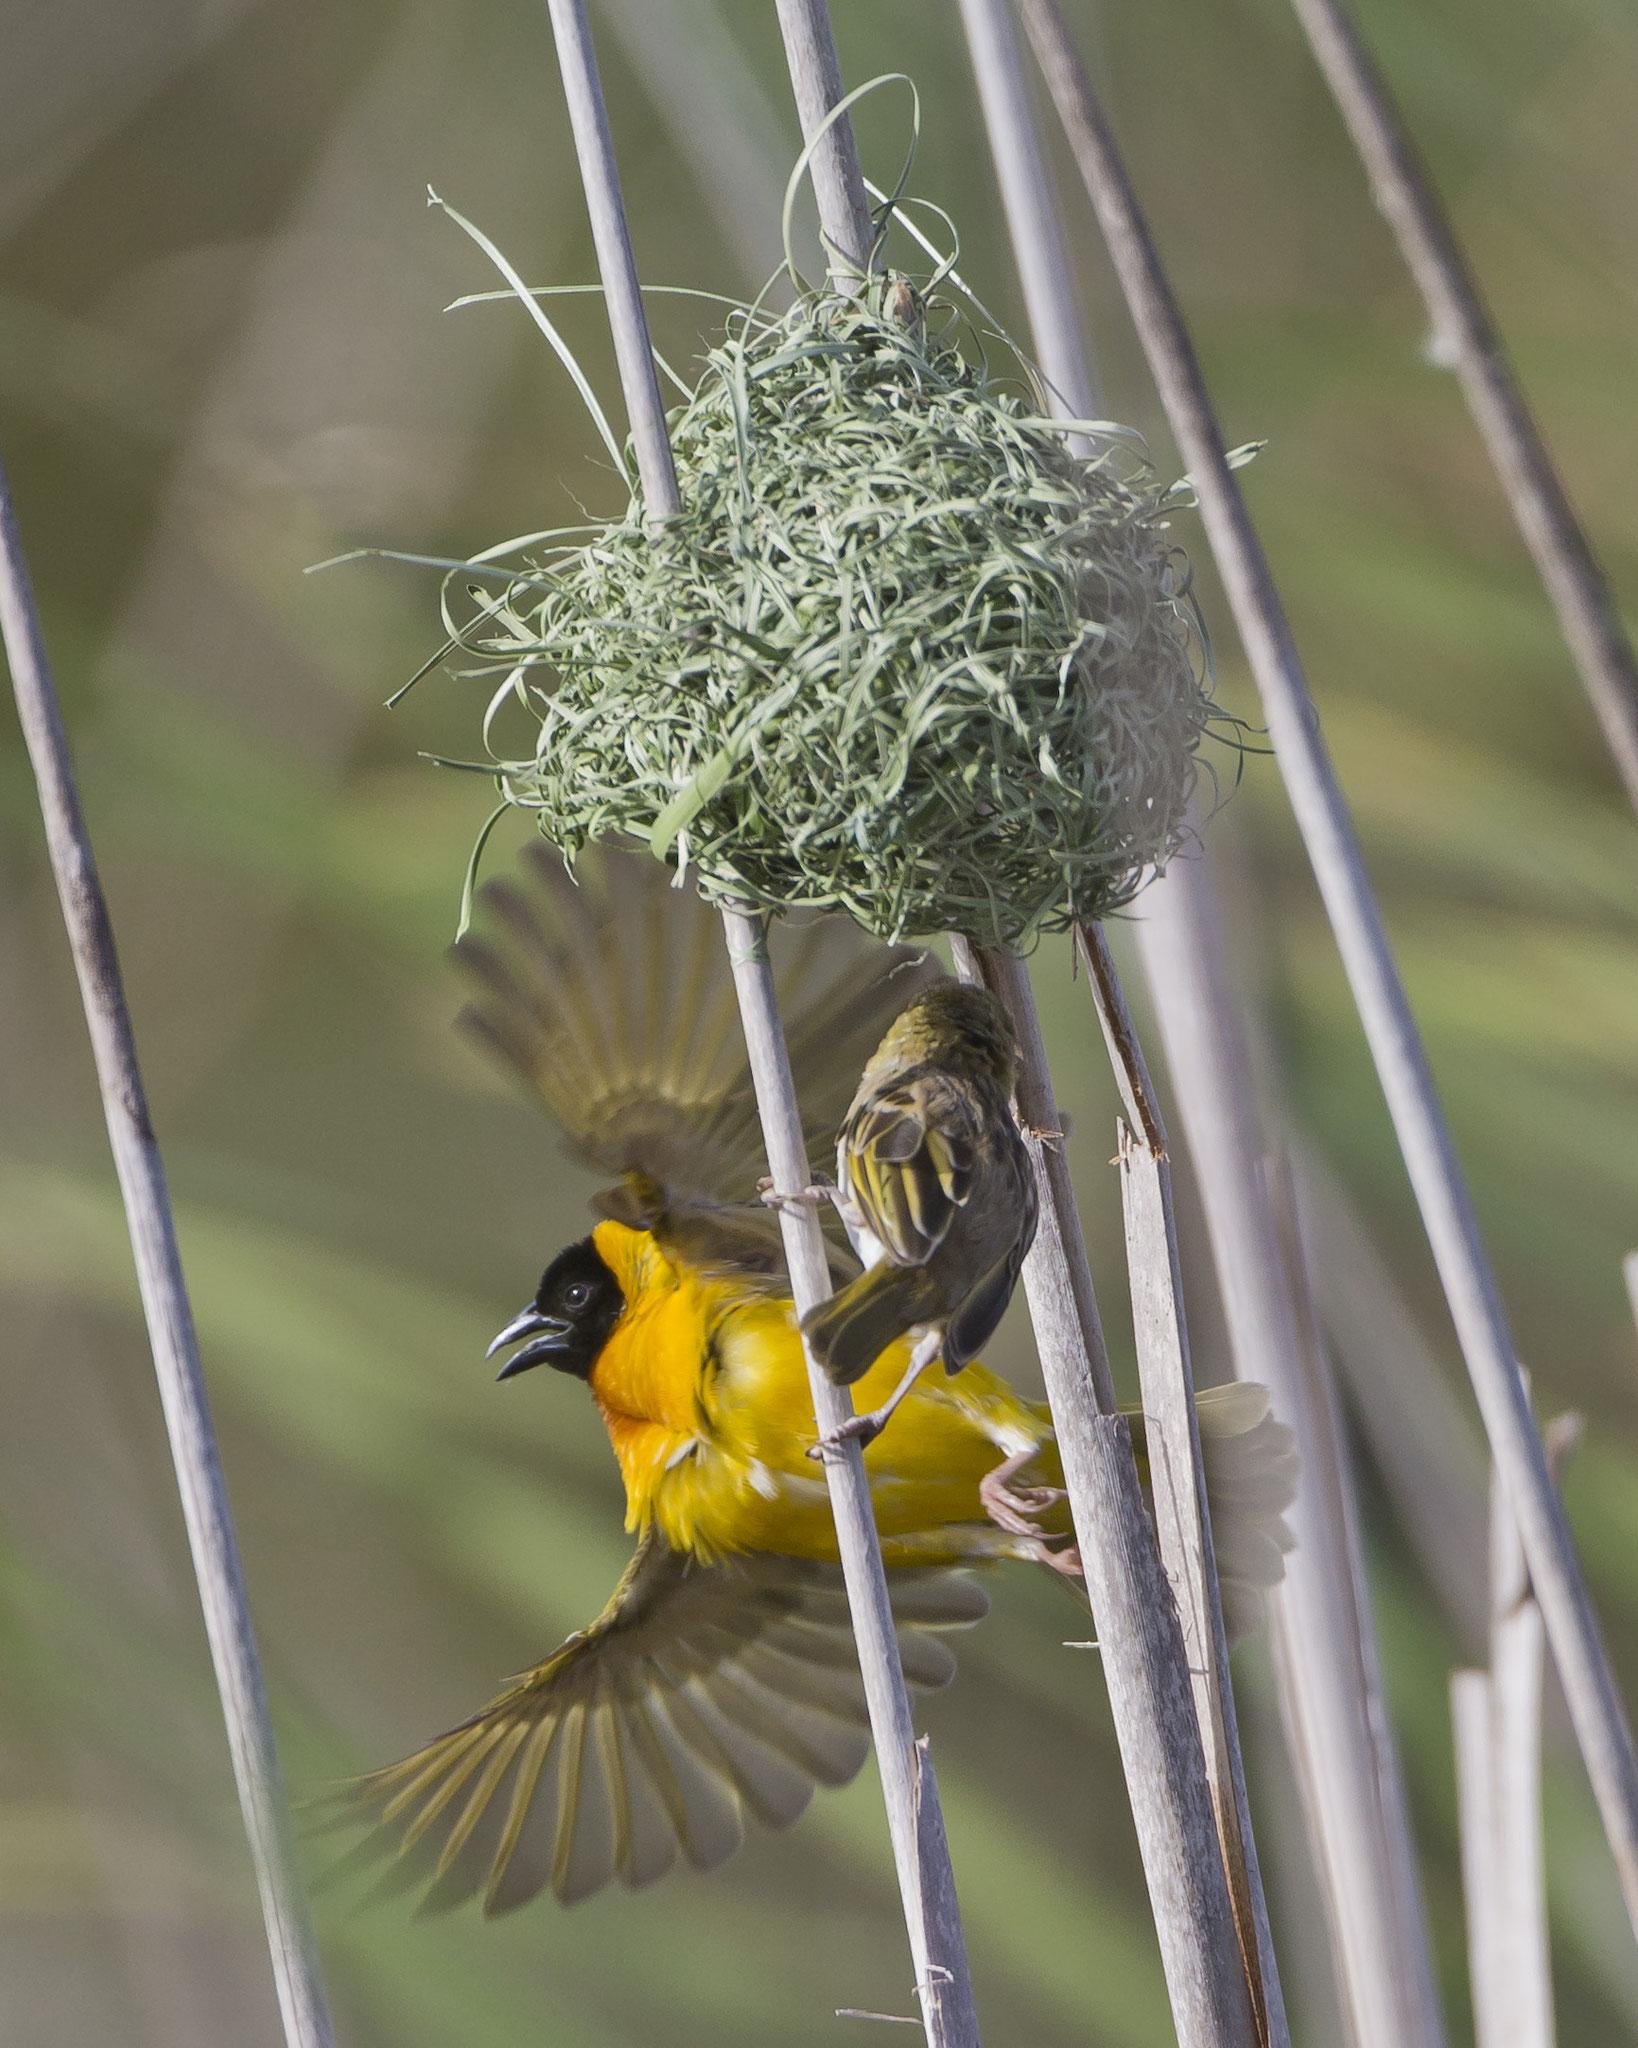 Sobald ein Weibchen für das Männchen Interesse zeigt, prüft das Weibchen mit Schnabelhieben die Festigkeit des Nestes.